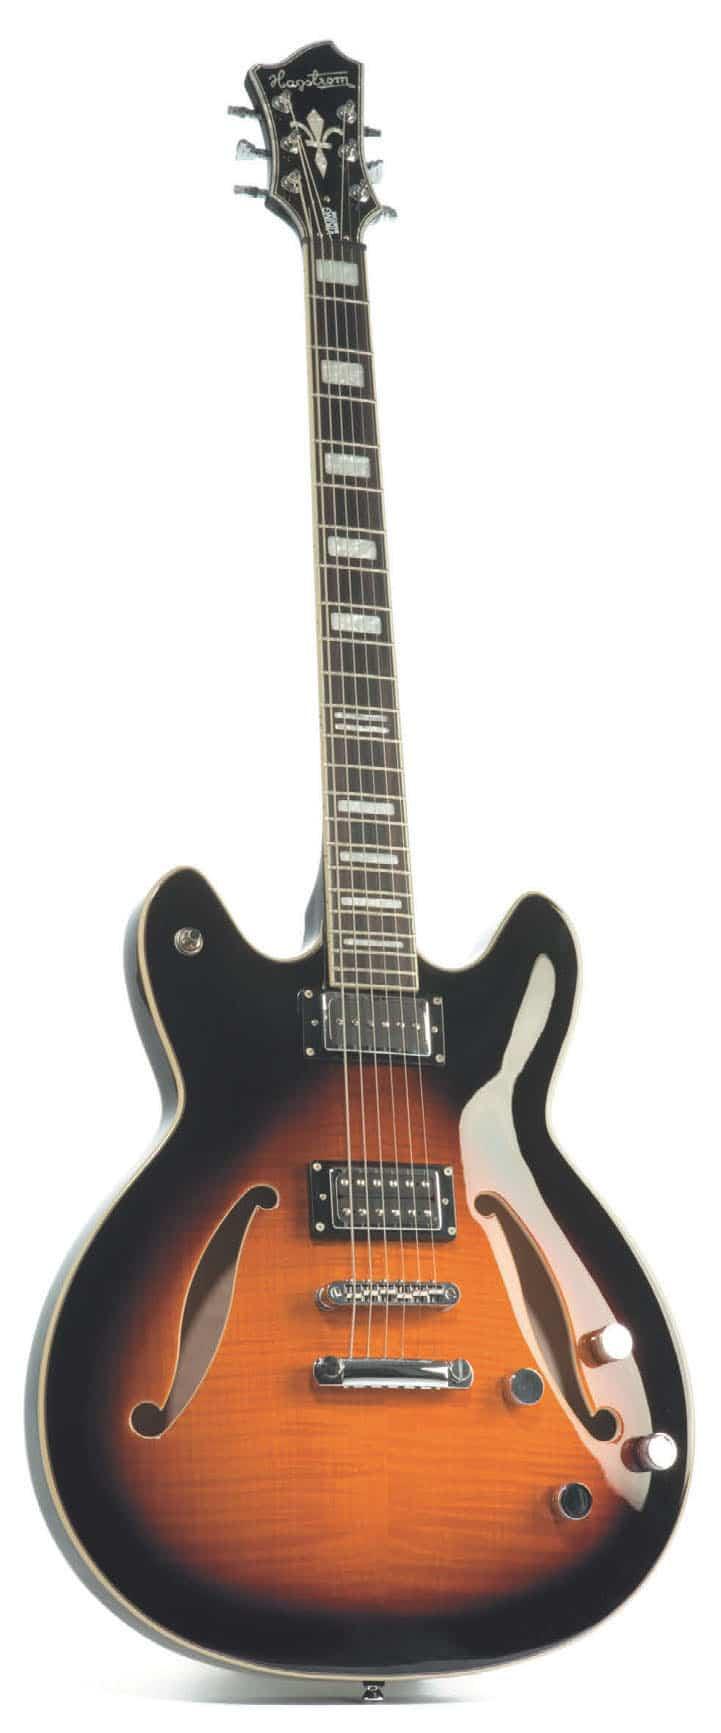 Semisolidbody-E-Gitarre von Hagstrom, stehend